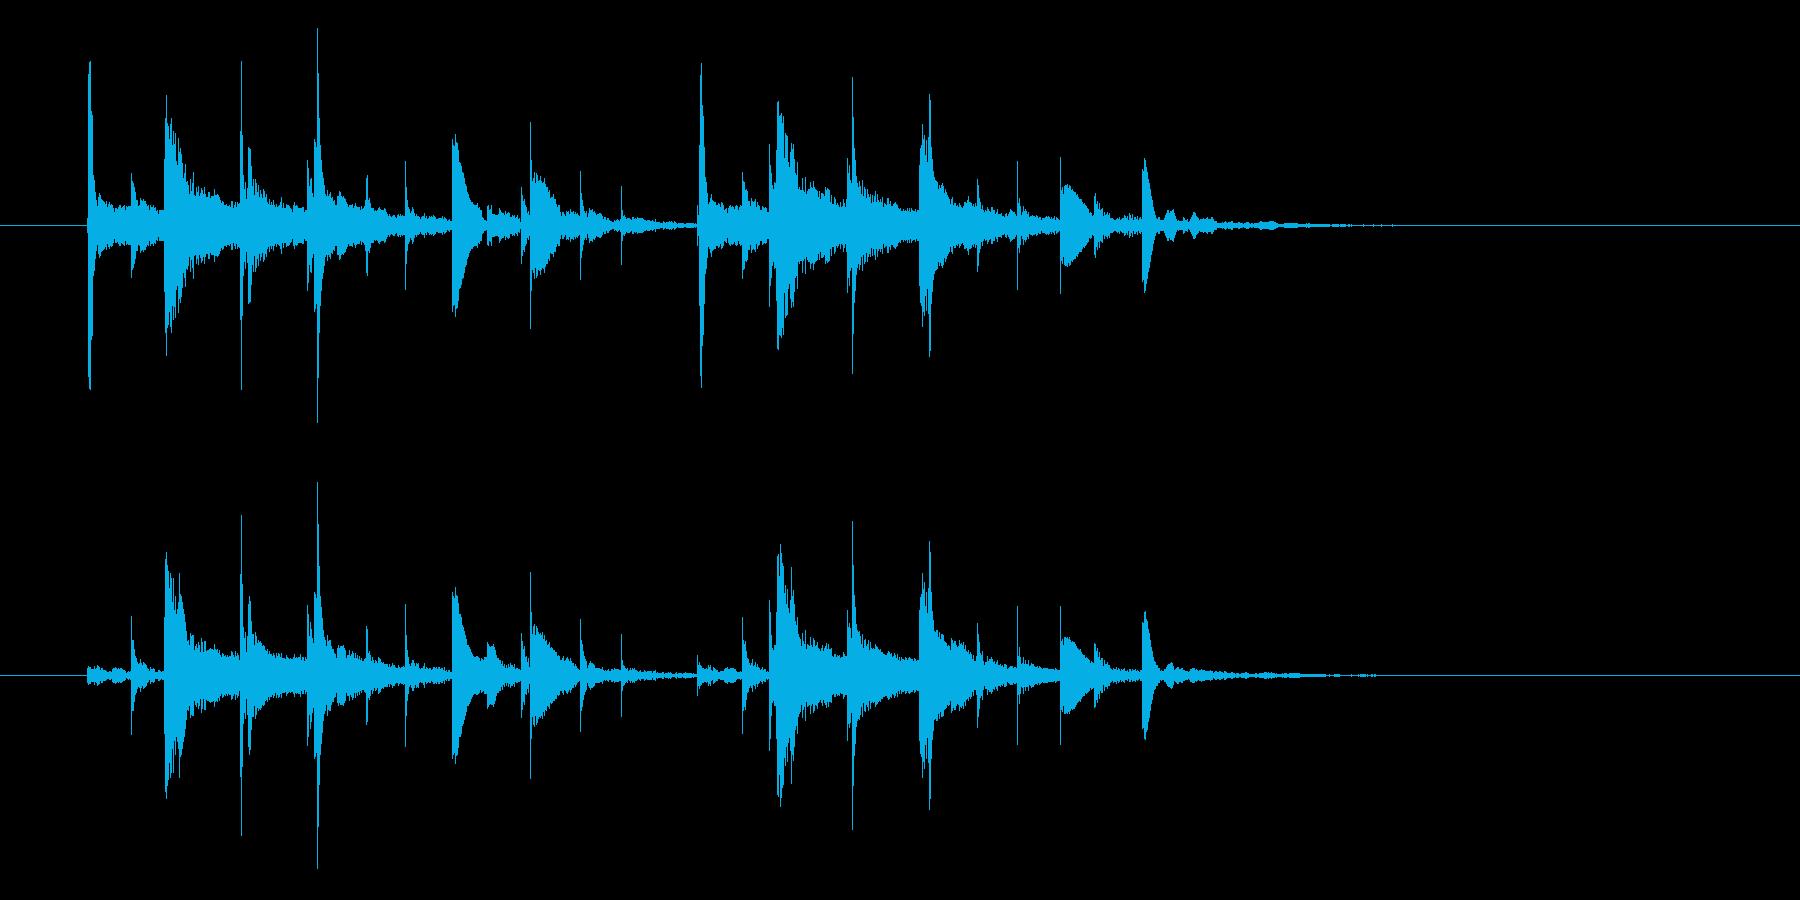 コンコココンという不思議な音の再生済みの波形